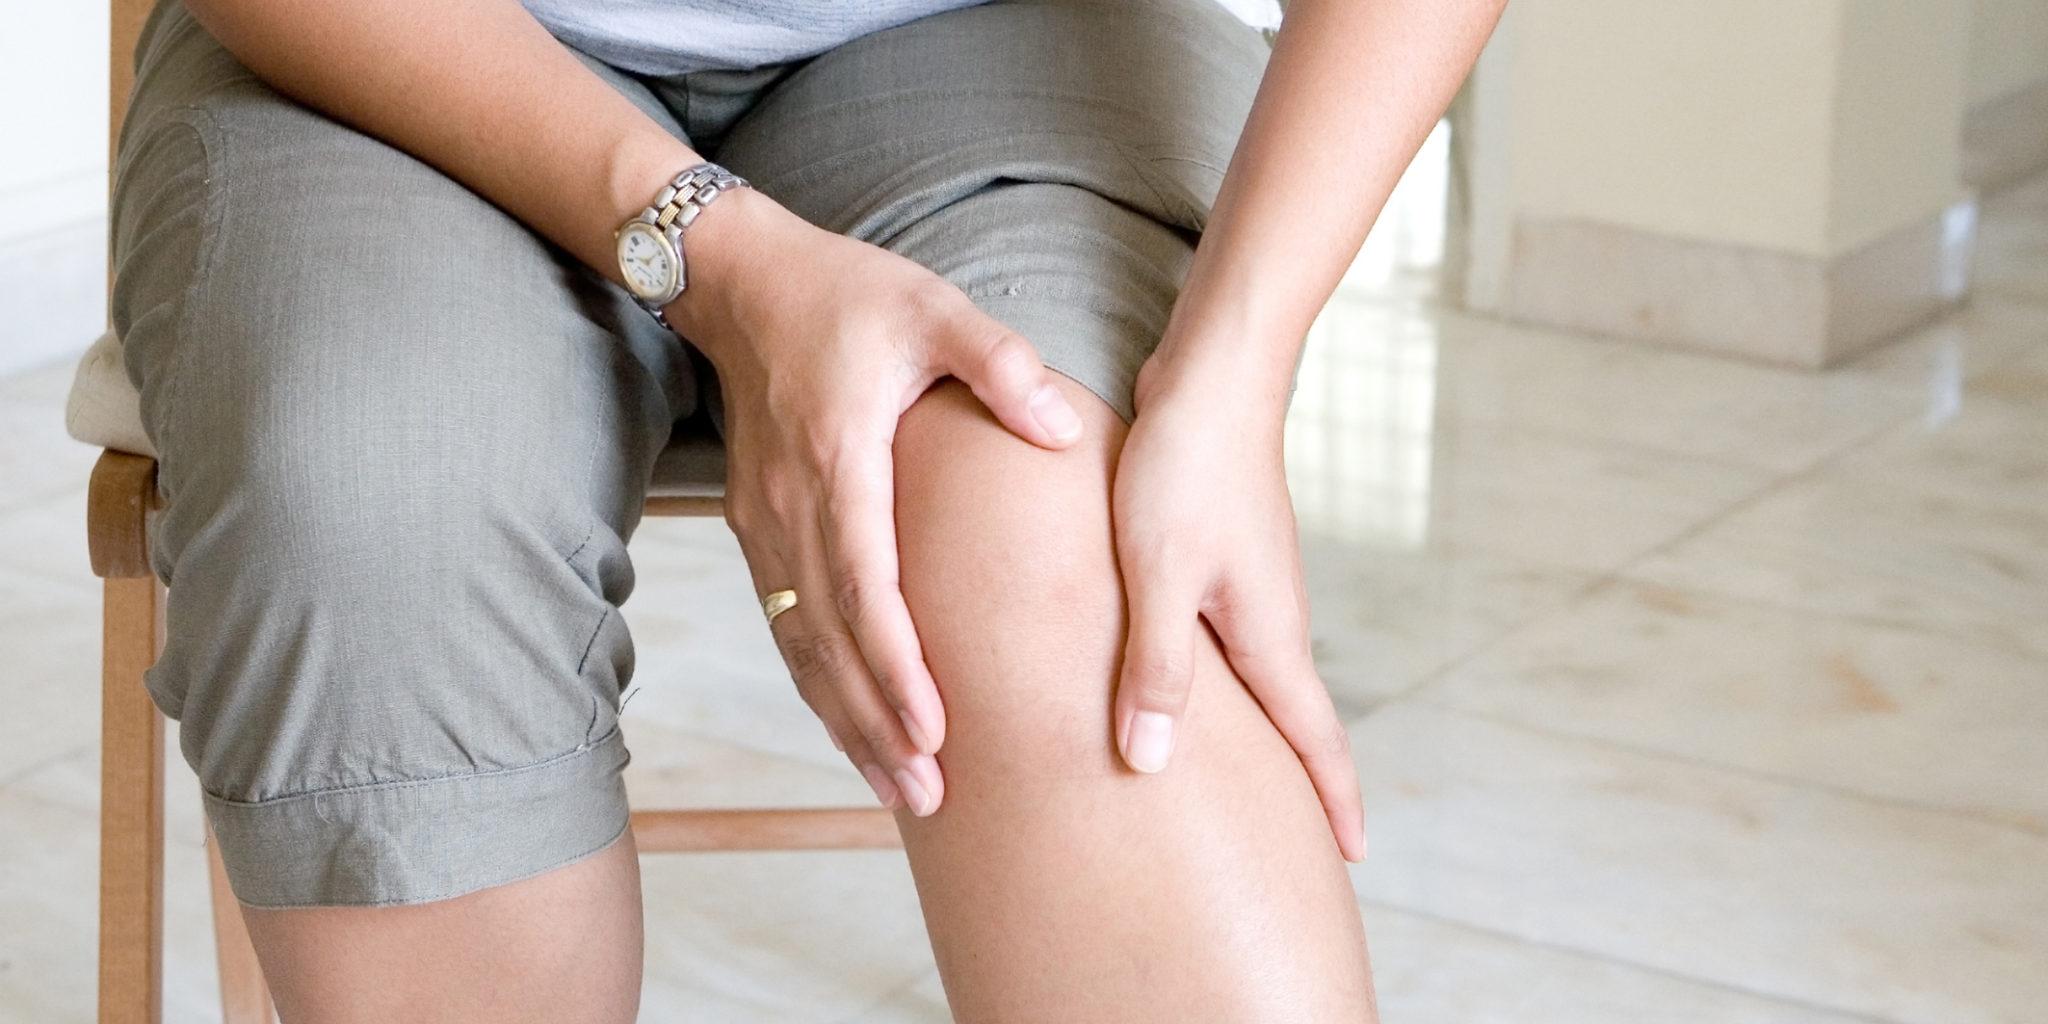 összeroppan és fáj a vállízület allergiás ízületi ödéma